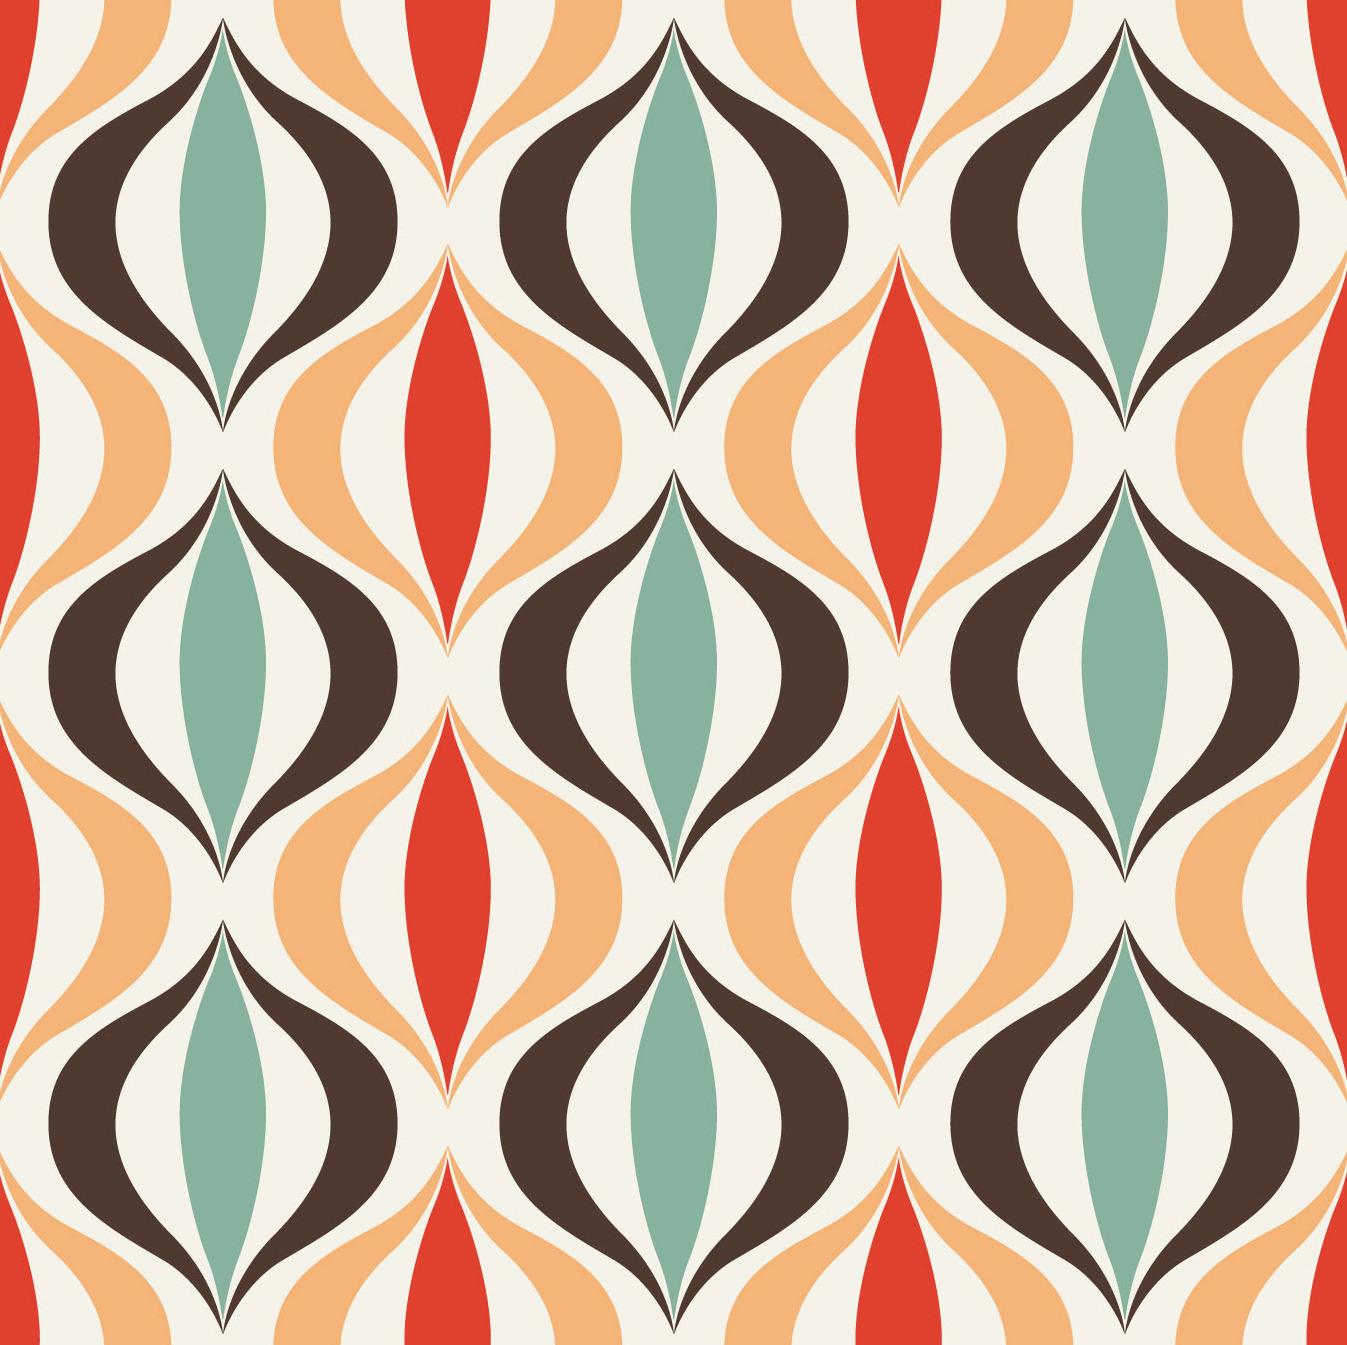 Azulejos : AZ023 1 Arabesco Design Elo7 #BC630F 1347x1345 Azulejo Banheiro Tamanho